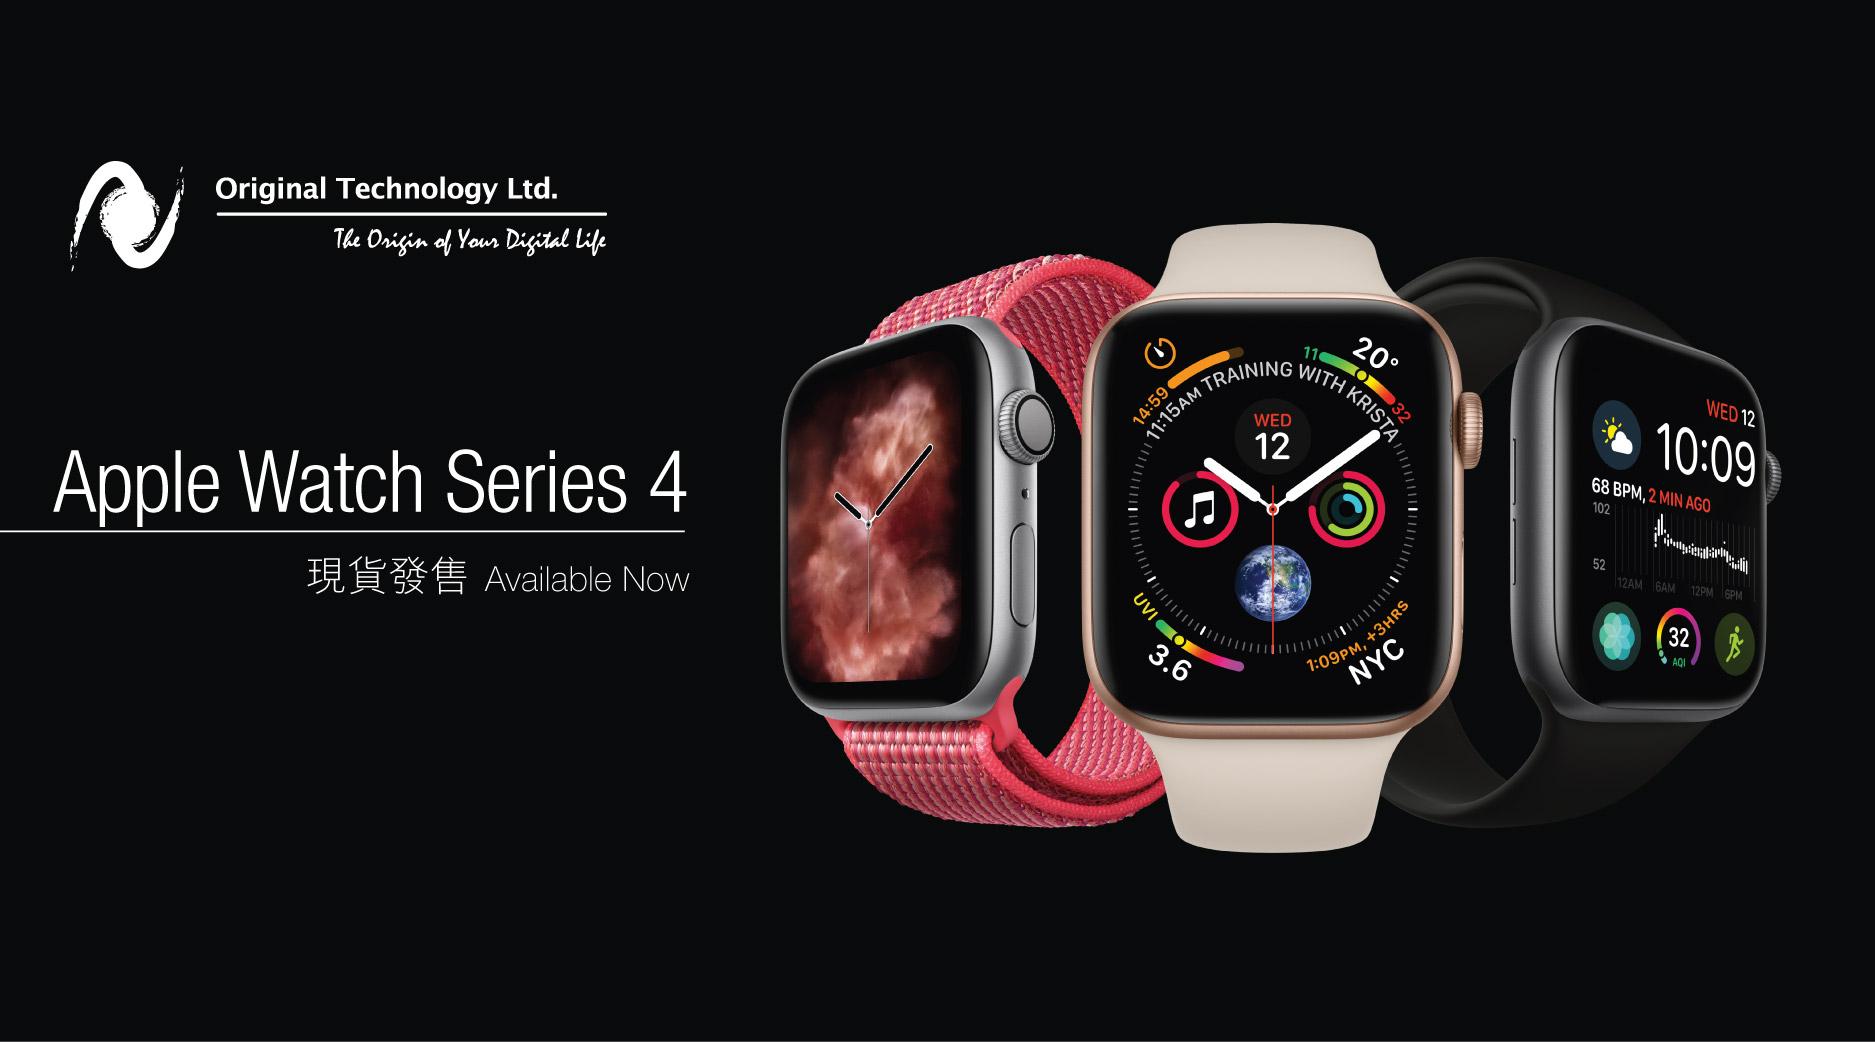 NA06_Apple Watch Series 4_900x500_2.35_1_WeChat_Case.jpg